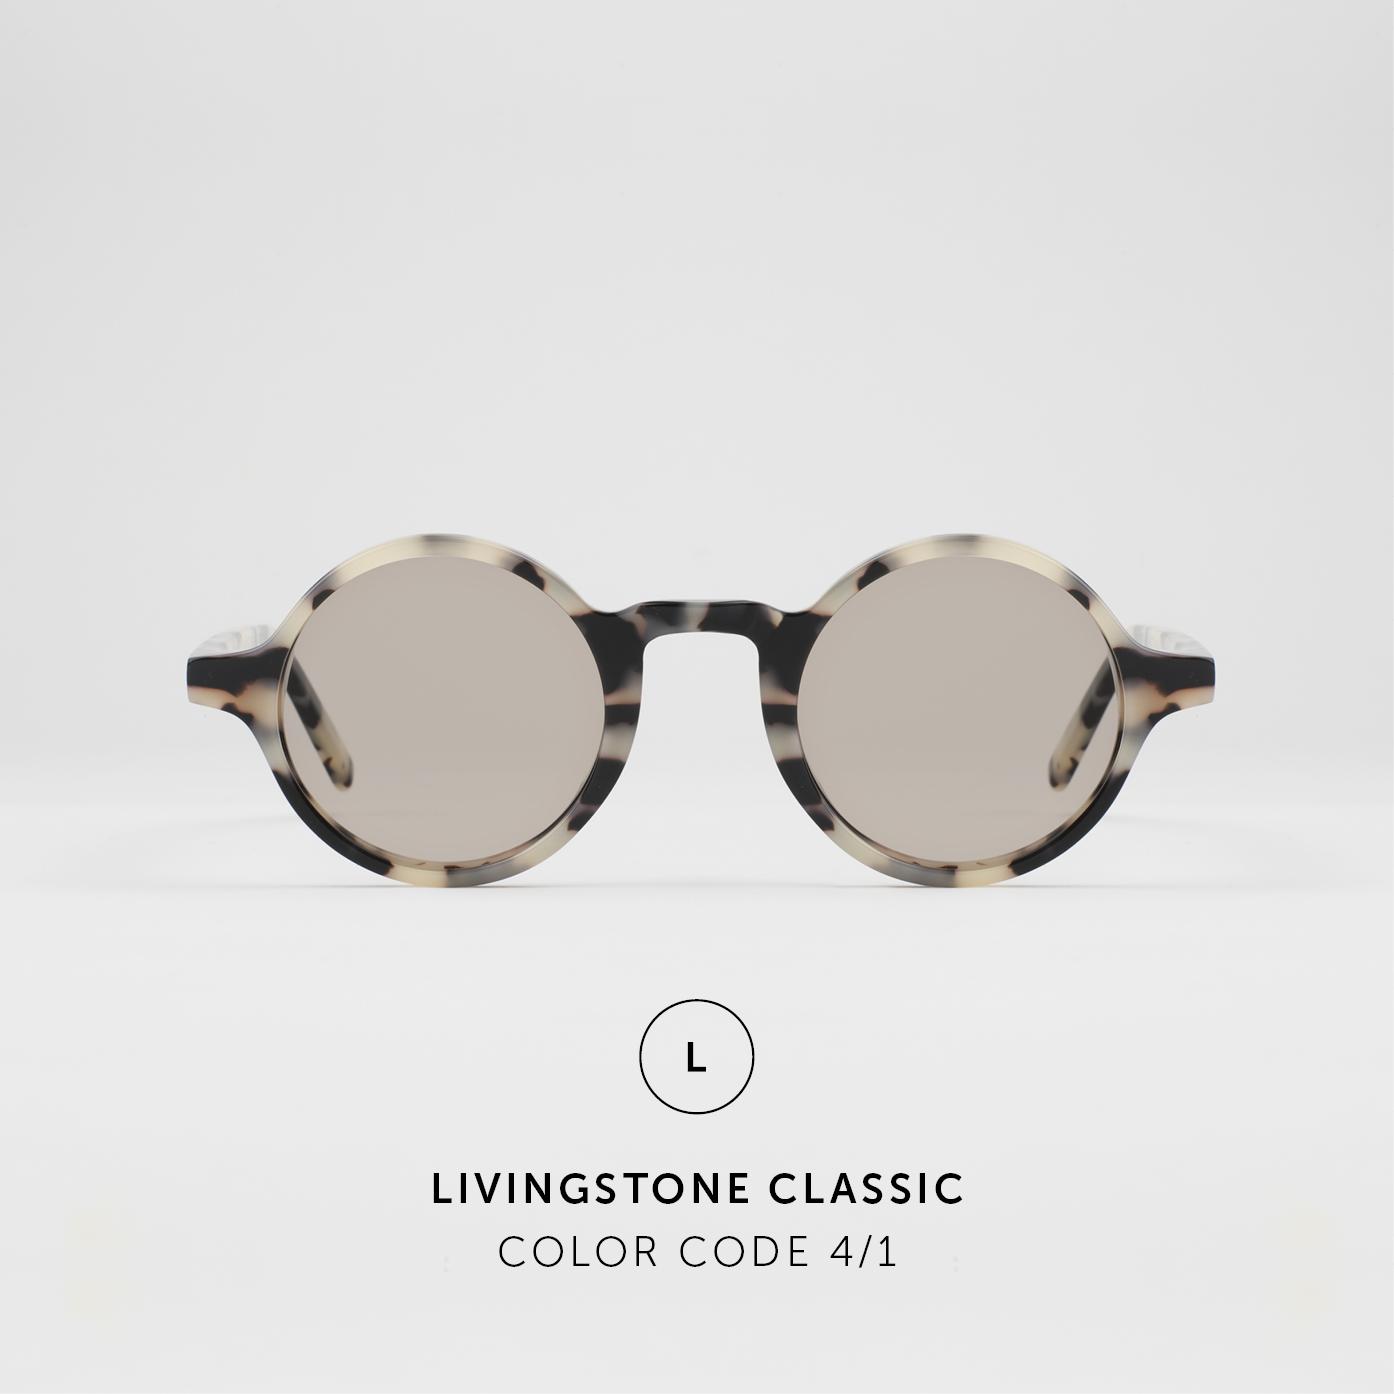 LivingstoneClassic24.jpg